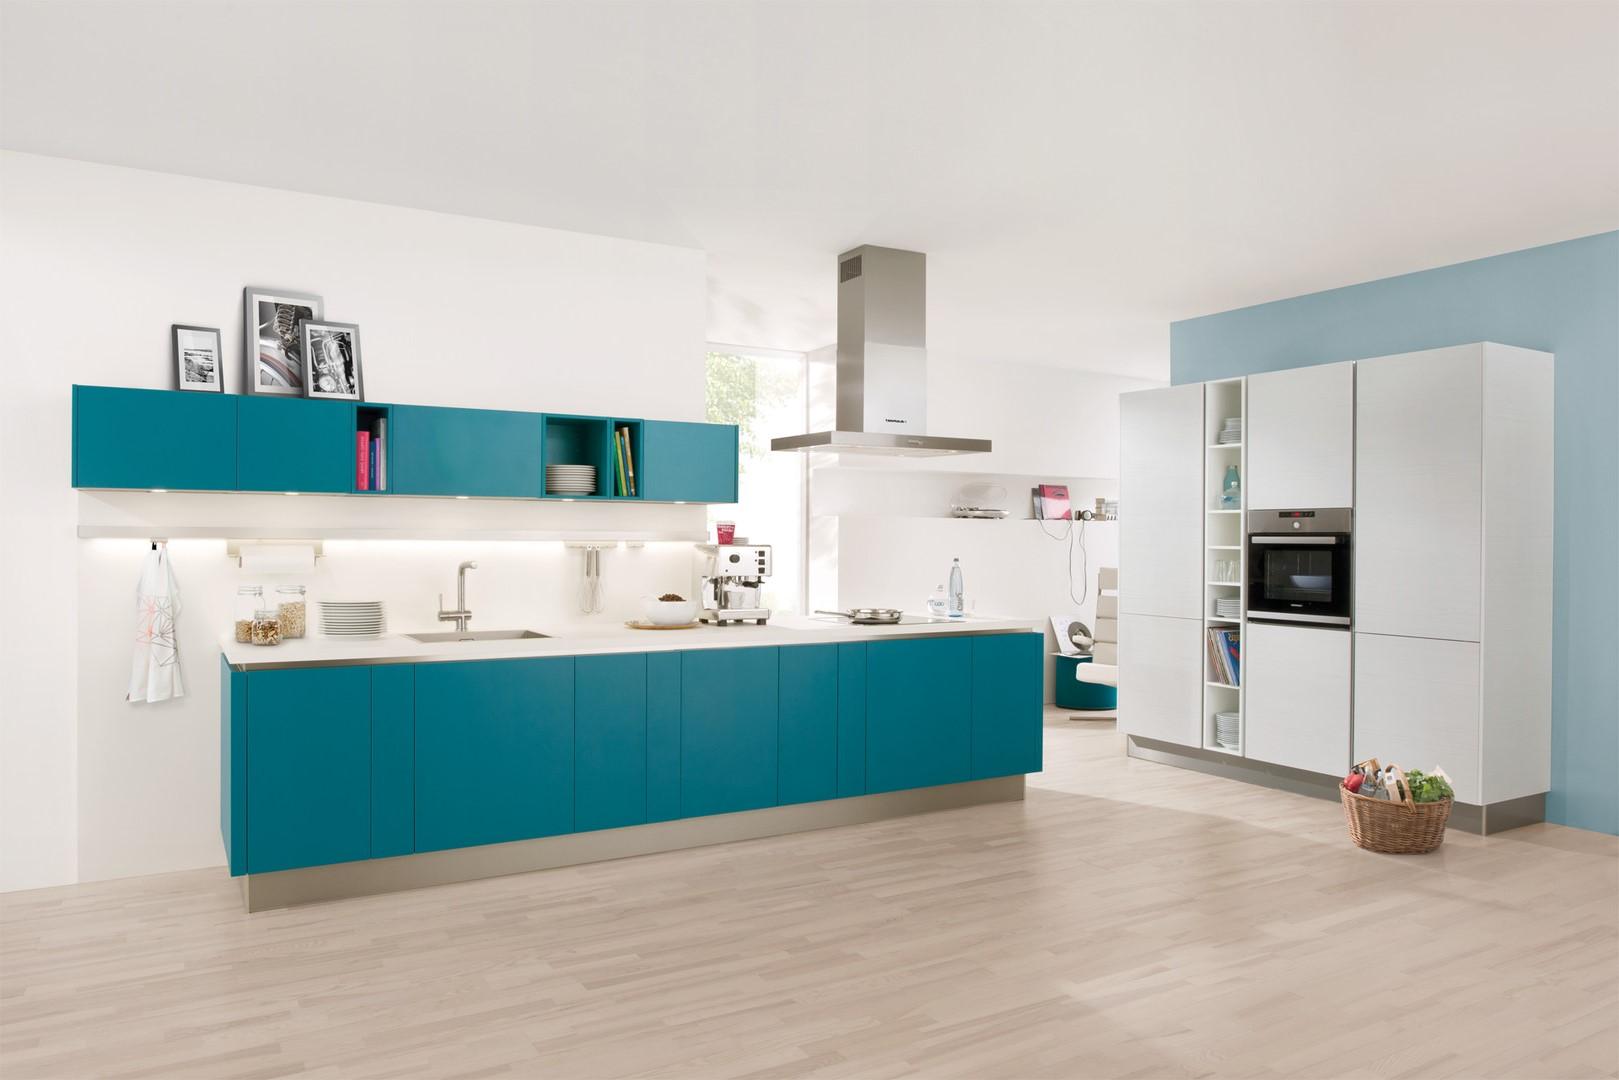 La combinaison de deux nuances de bleu crée une atmosphère apaisante.